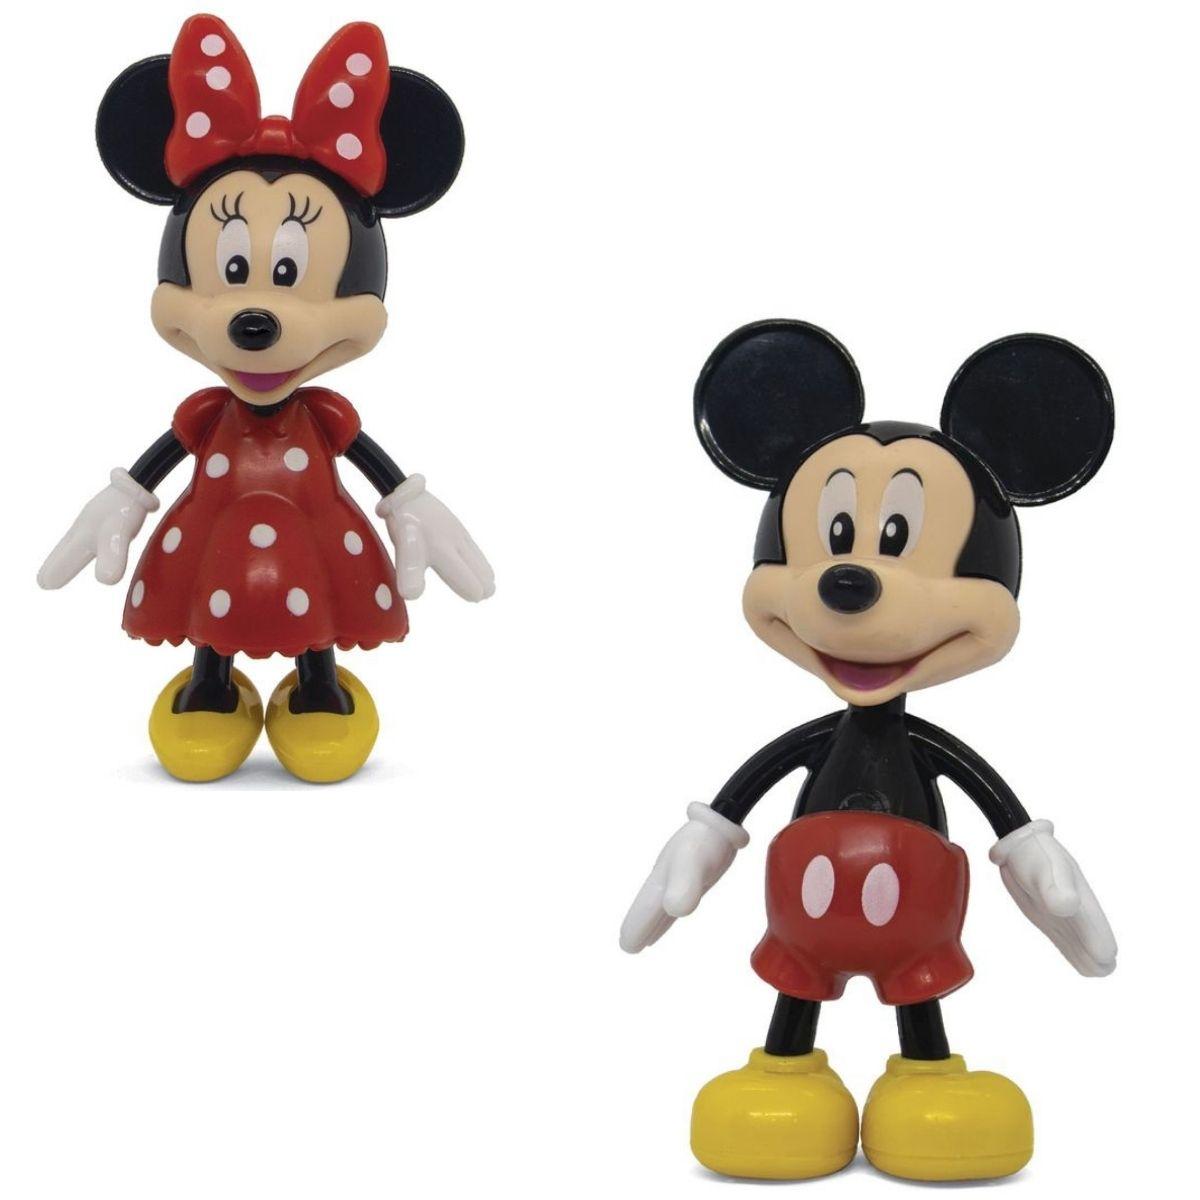 Boneco Mickey e Minnie Mouse Disney com Acessórios Elka